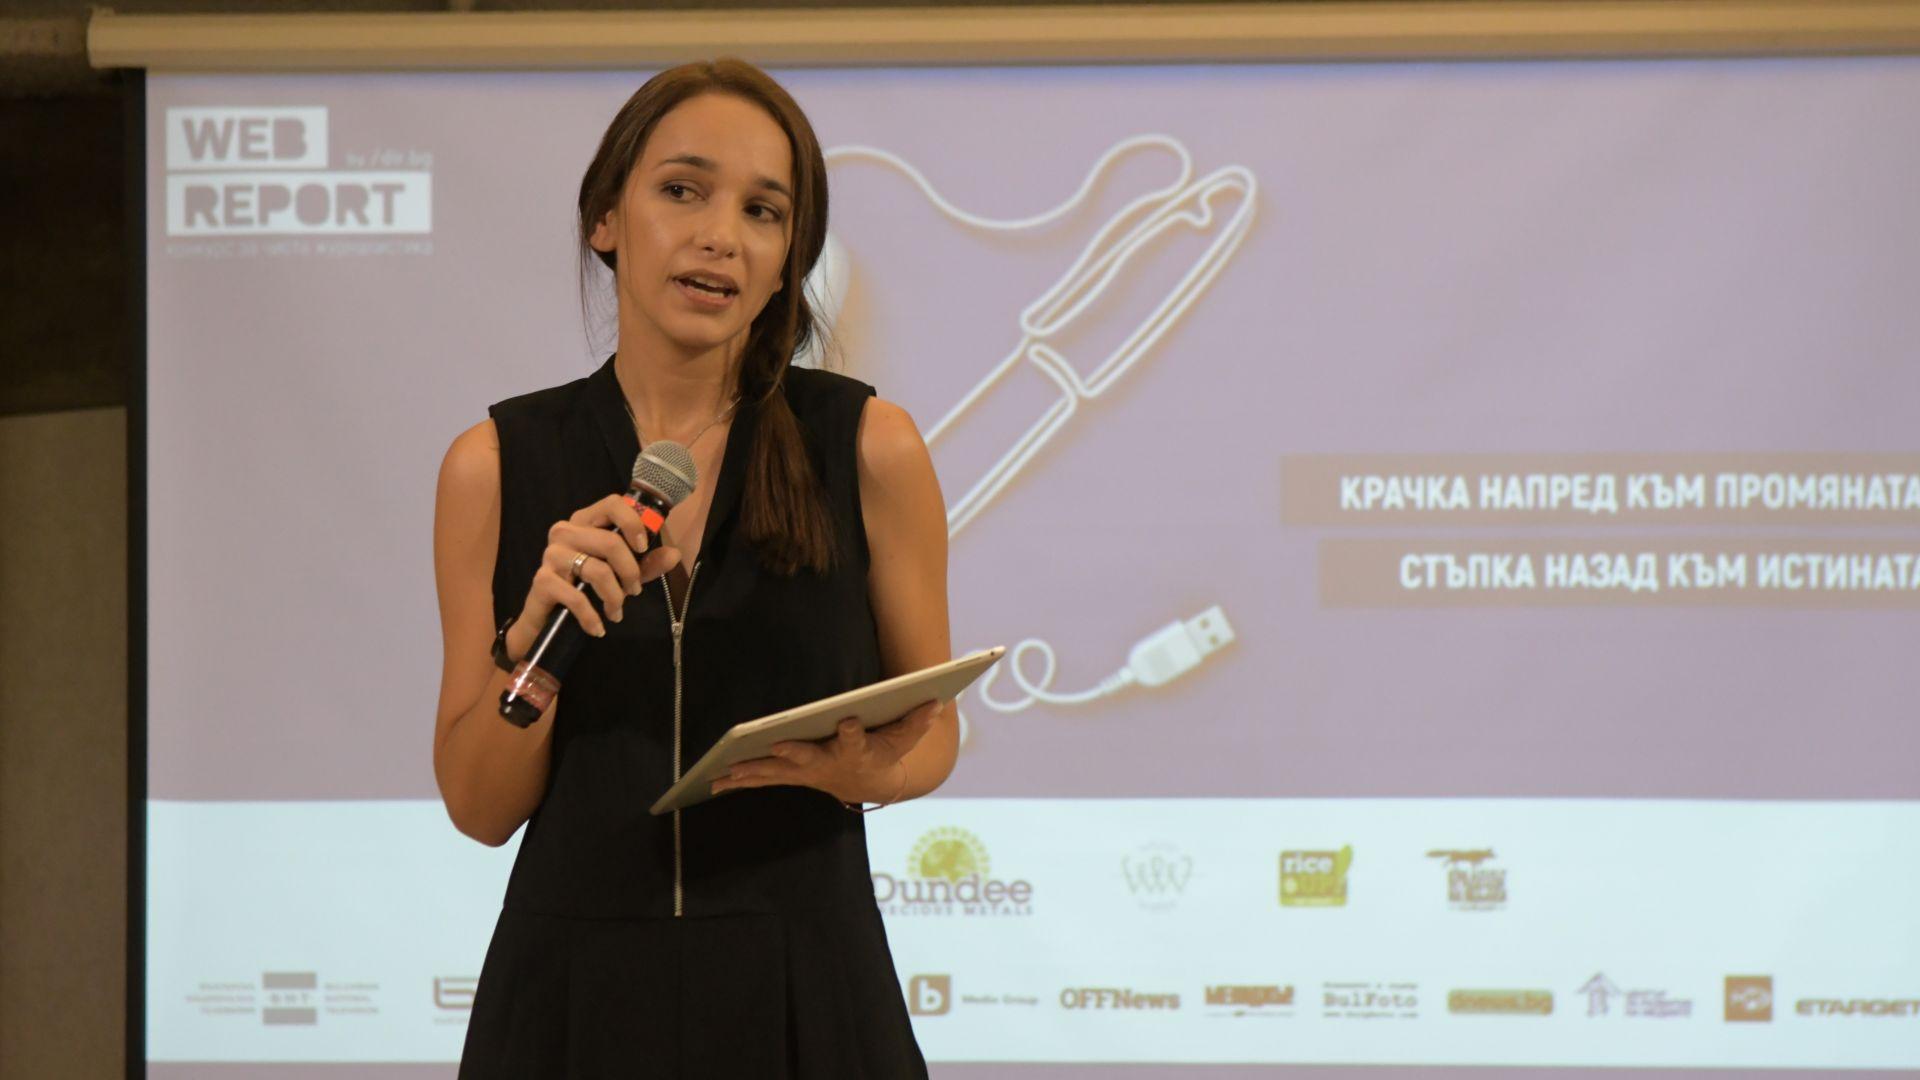 Dir.bg раздаде наградите в конкурса за чиста журналистика Web Report за трети път